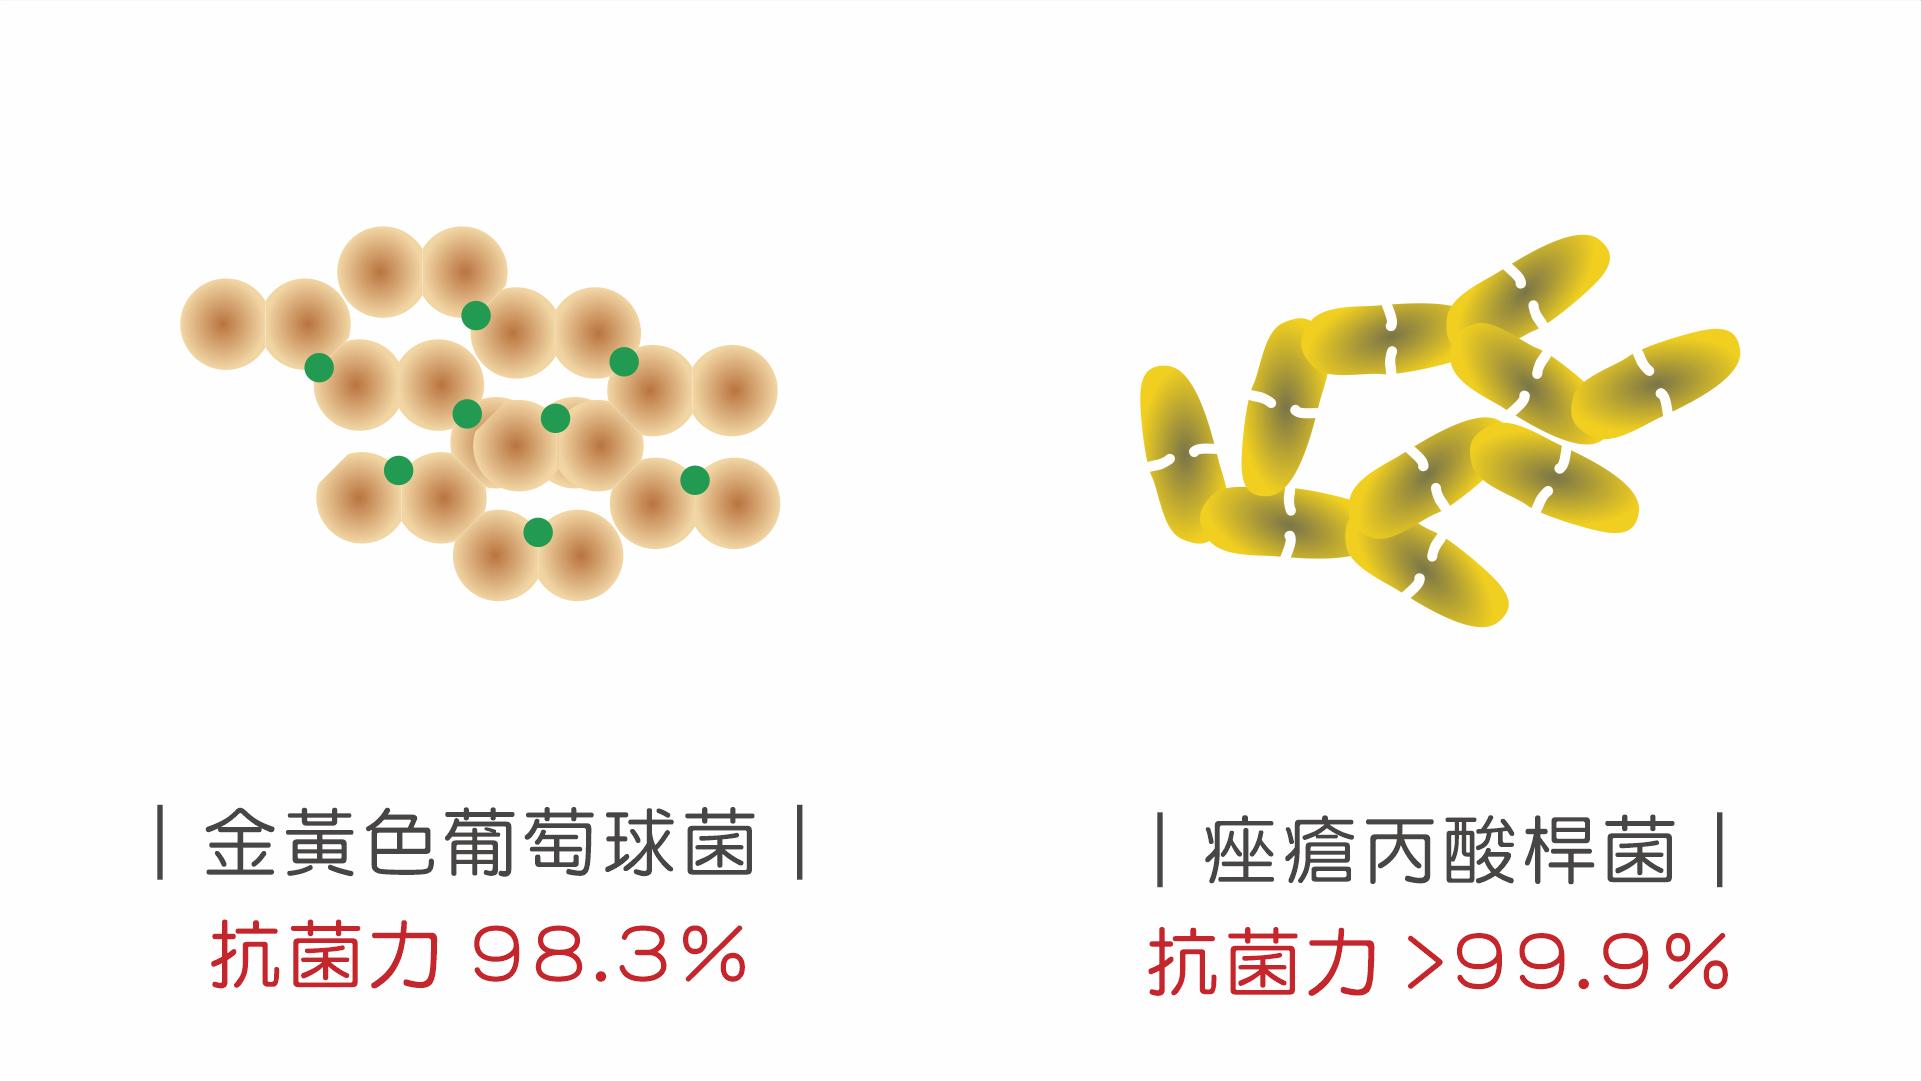 抗菌力 >99.9%